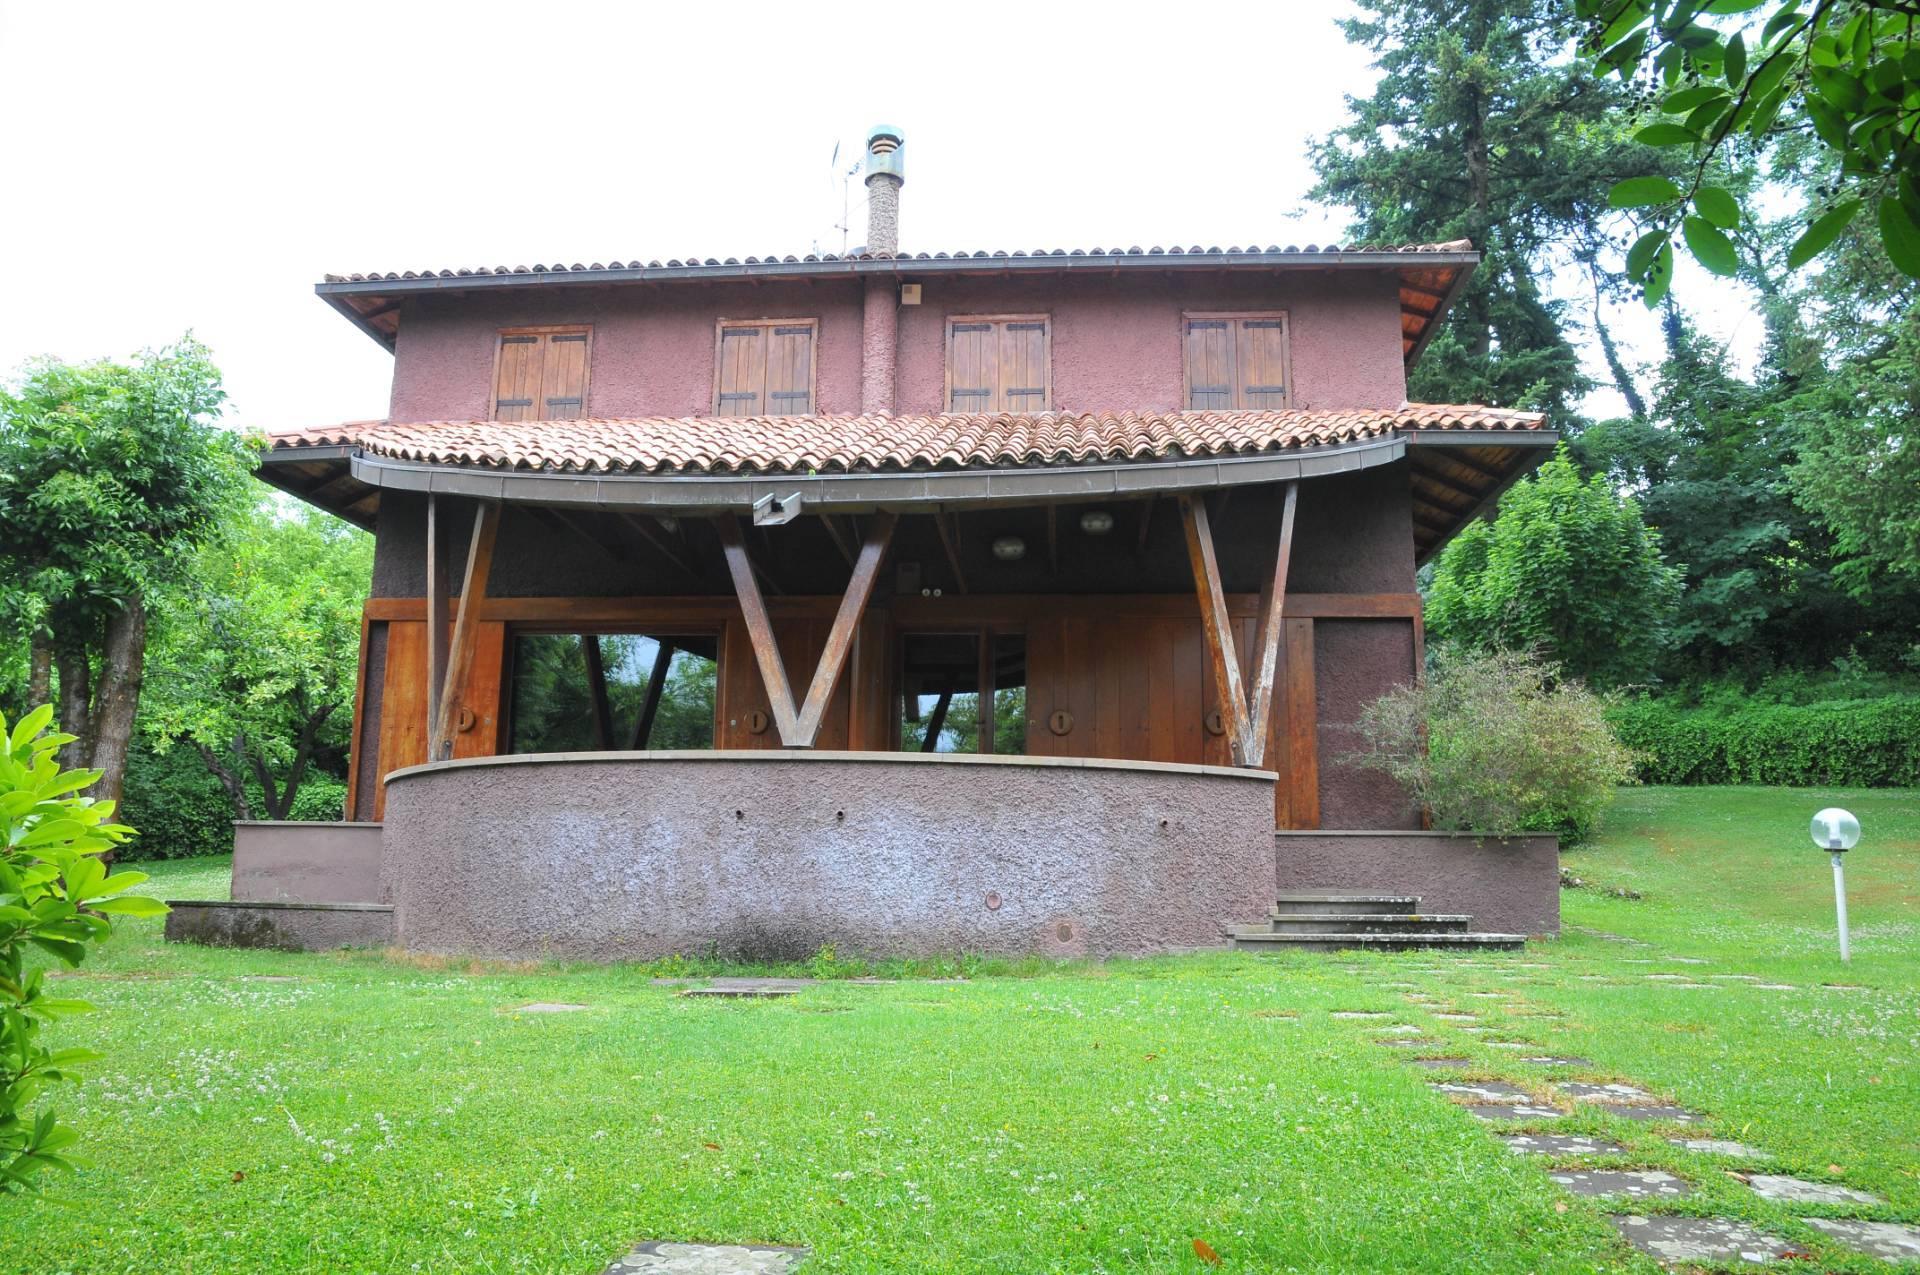 Villa in vendita a Riofreddo, 7 locali, prezzo € 250.000 | CambioCasa.it